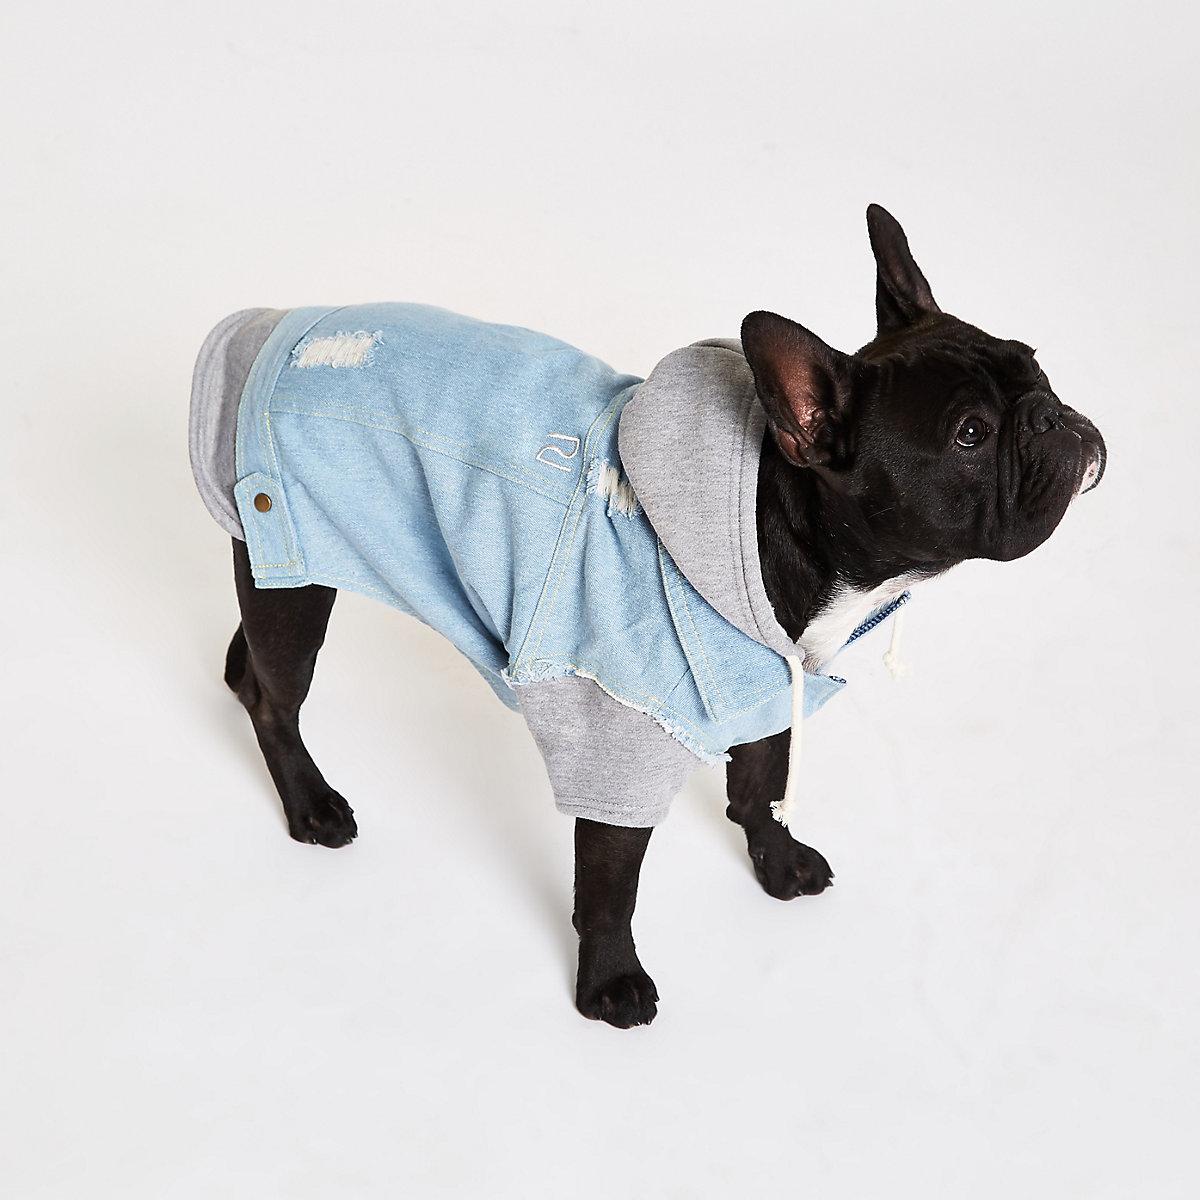 Blue dog hooded denim jacket